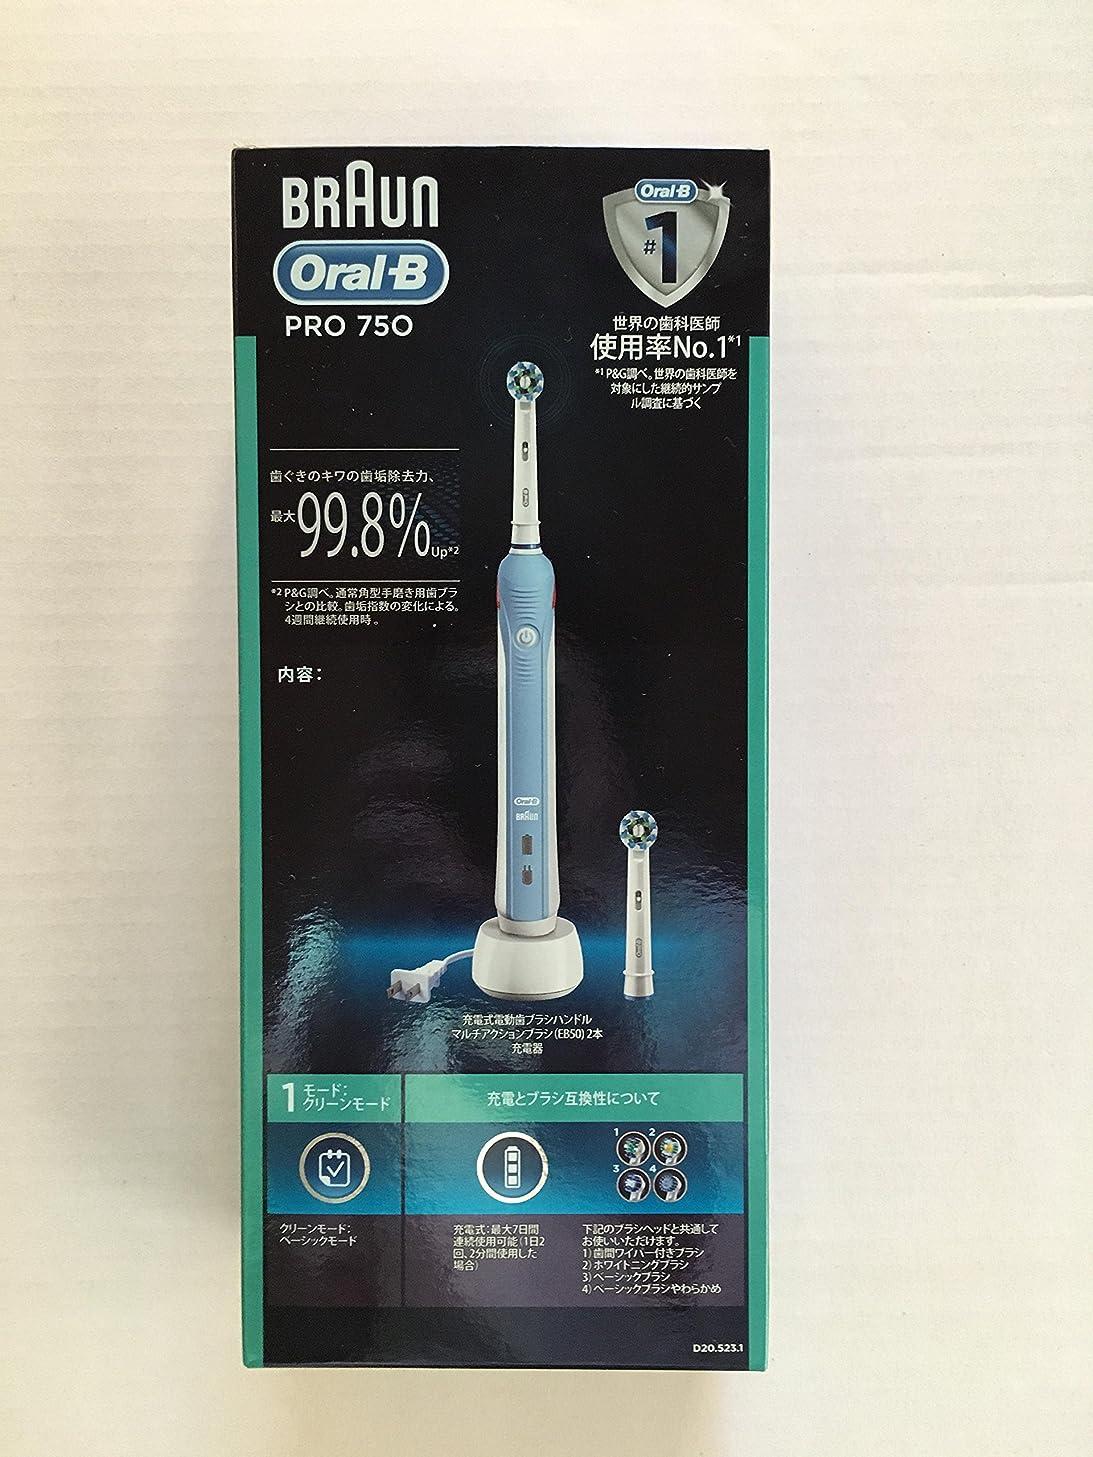 大工証人ミンチブラウン オーラルB プロフェッショナルケア D205231 電動歯ブラシ